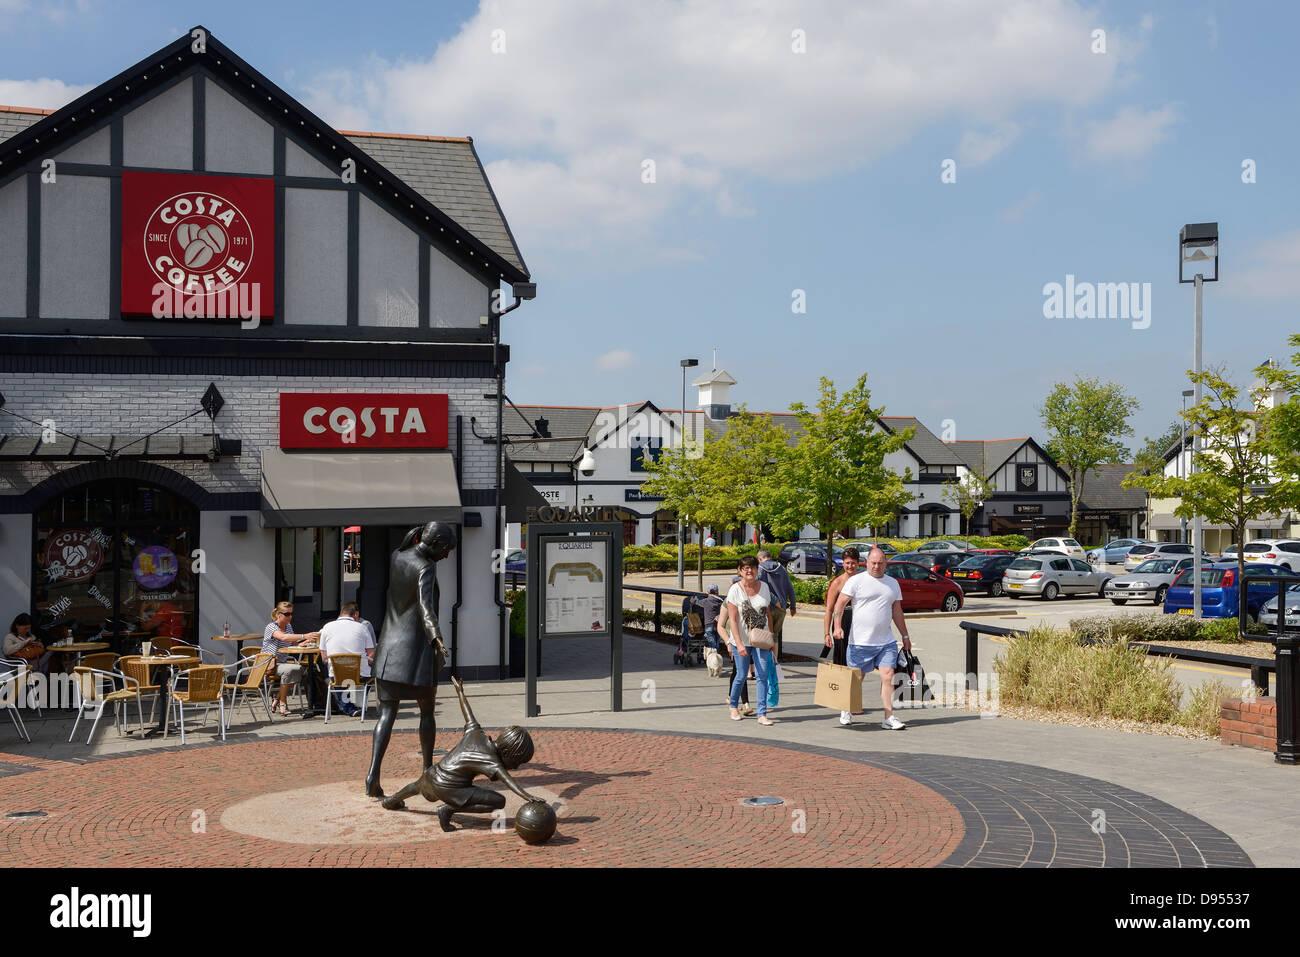 1c7fce5b45 Cheshire Oaks Designer Outlet shopping centre Ellesmere Port UK - Stock  Image